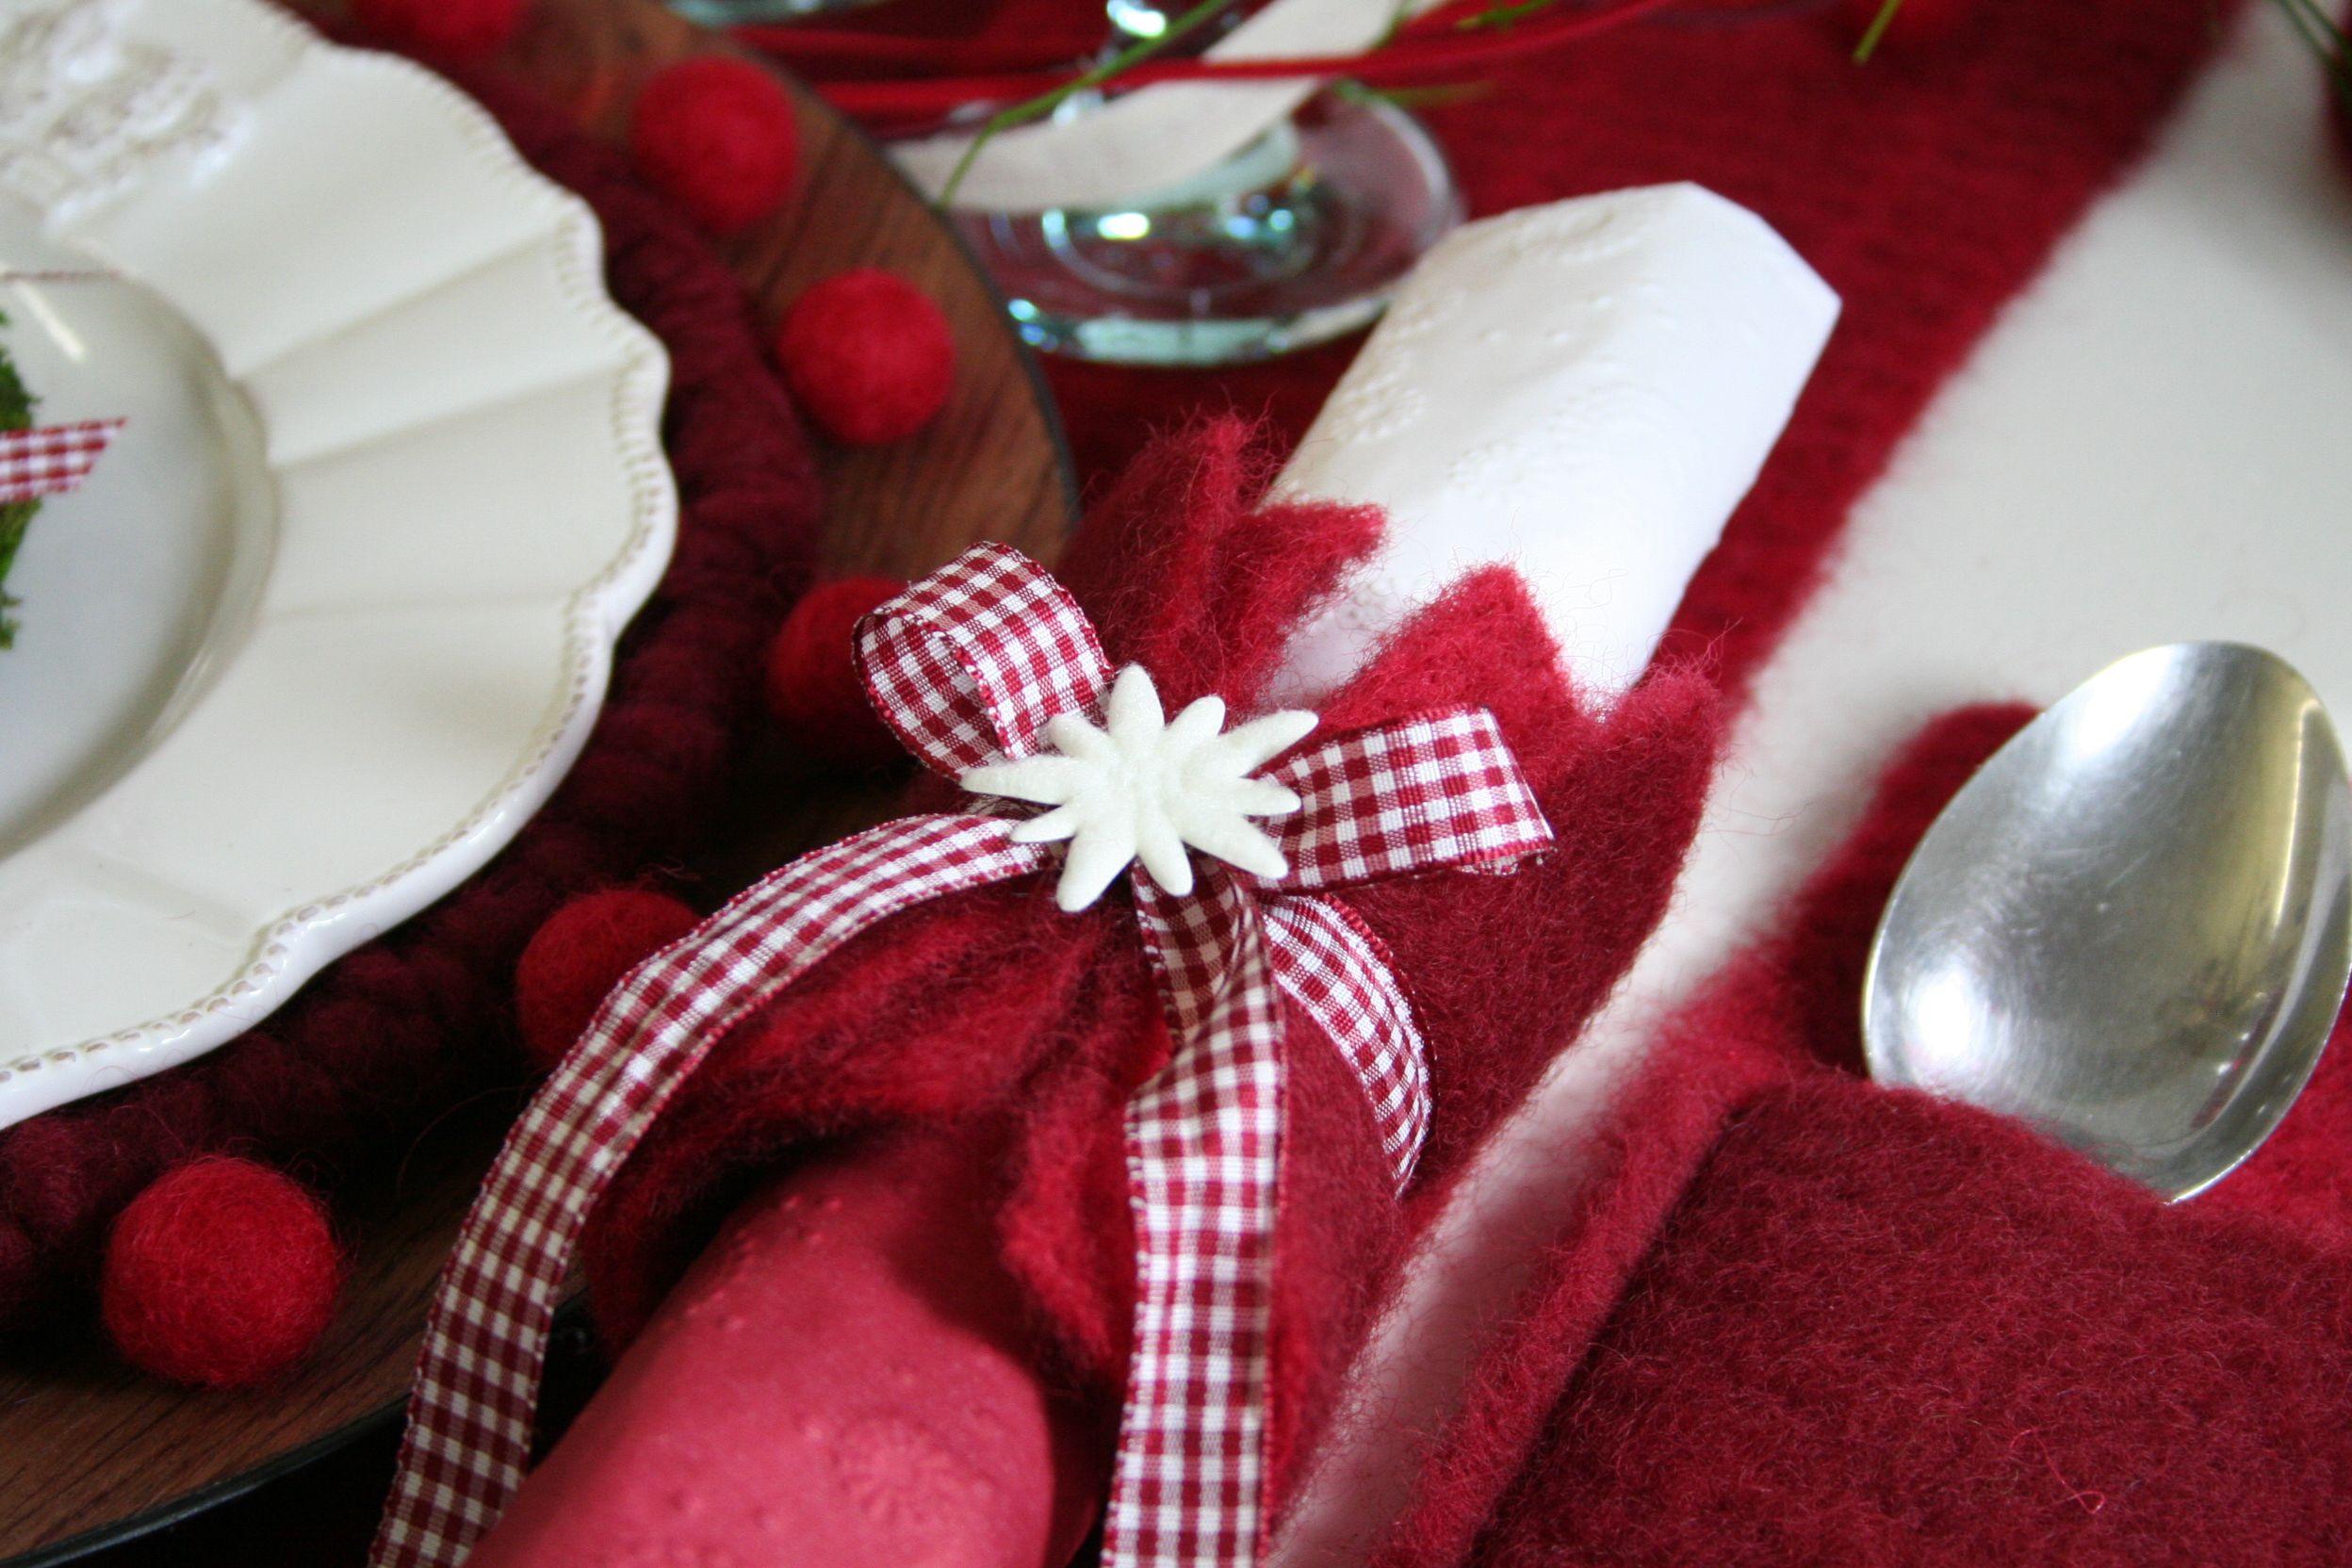 Diy Serviettenring Aus Wollvlies - Leicht Herzustellen Diy innen Serviettenringe Selber Machen Weihnachten